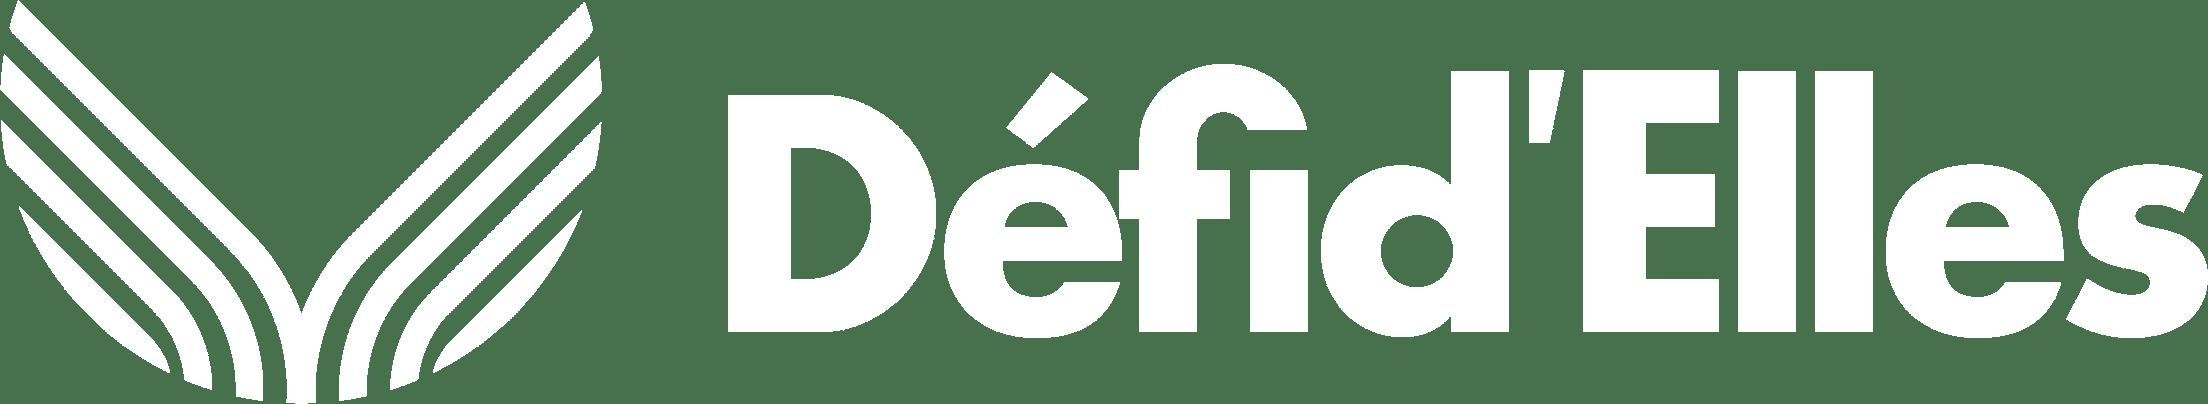 defidelles